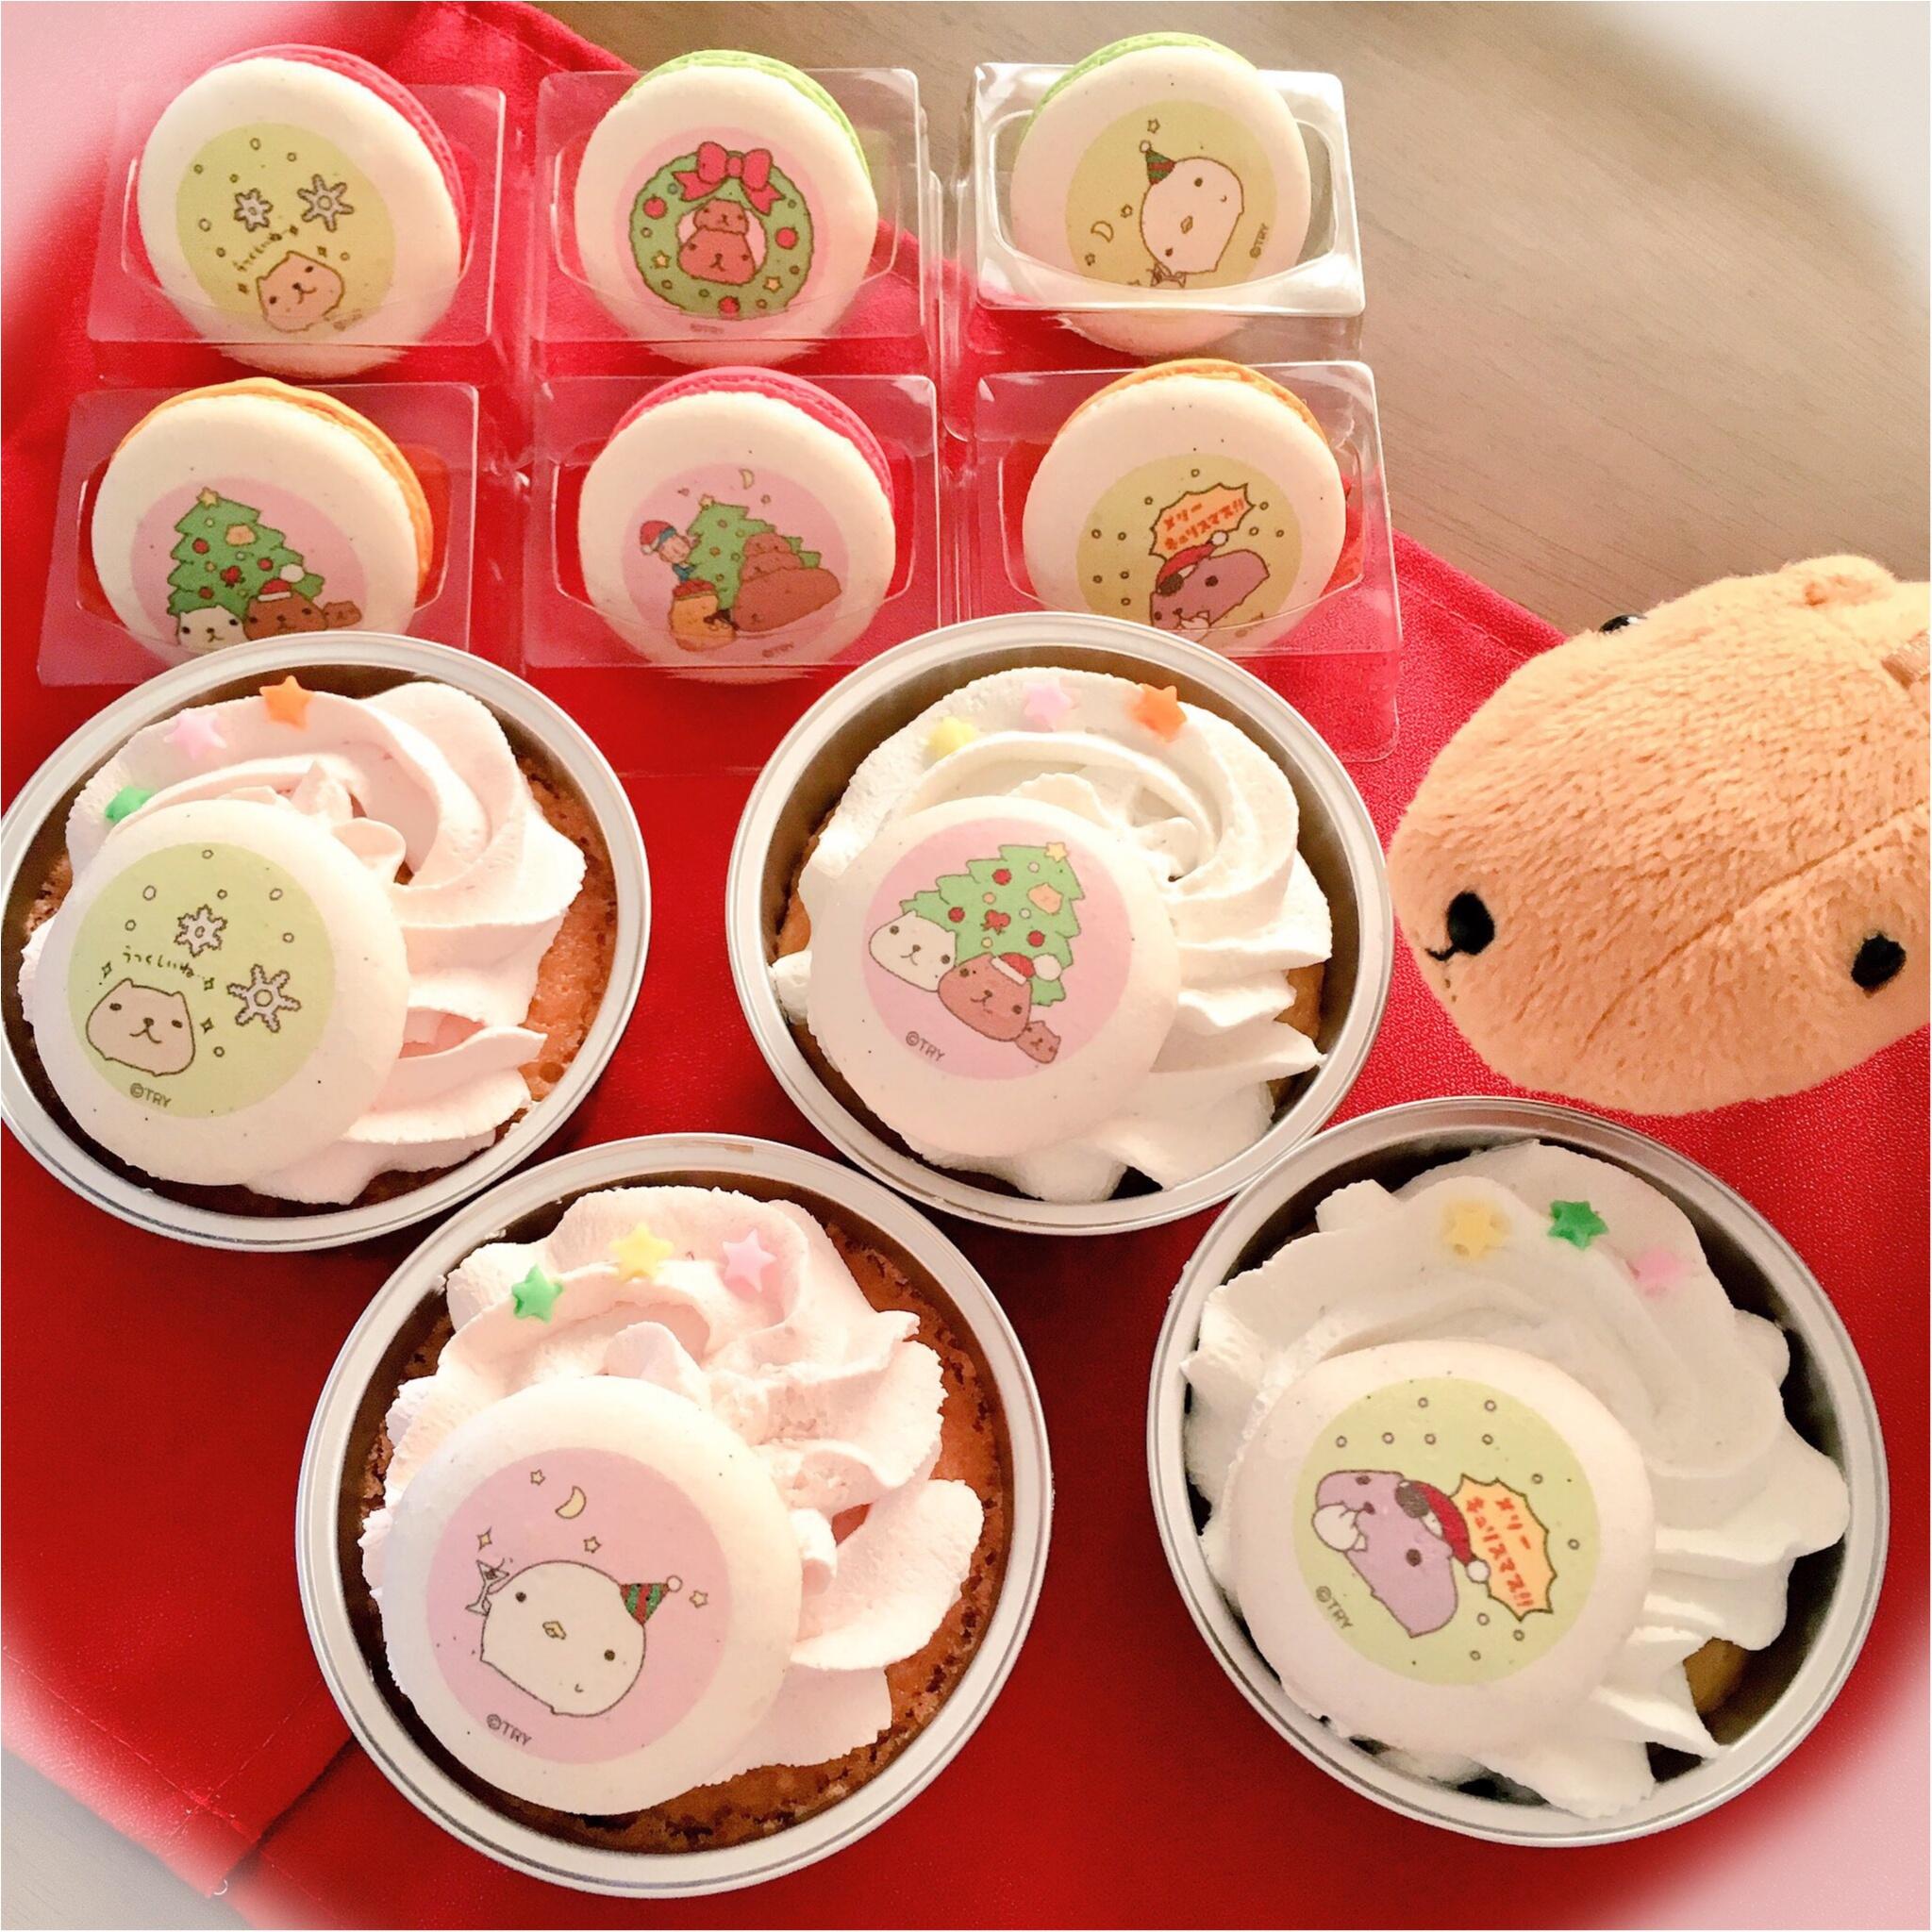 【キャラクター】クリスマスにはかわいいカピバラさんケーキで盛り上がっちゃおう(*>ω<*)♡ 【ケーキ】_1